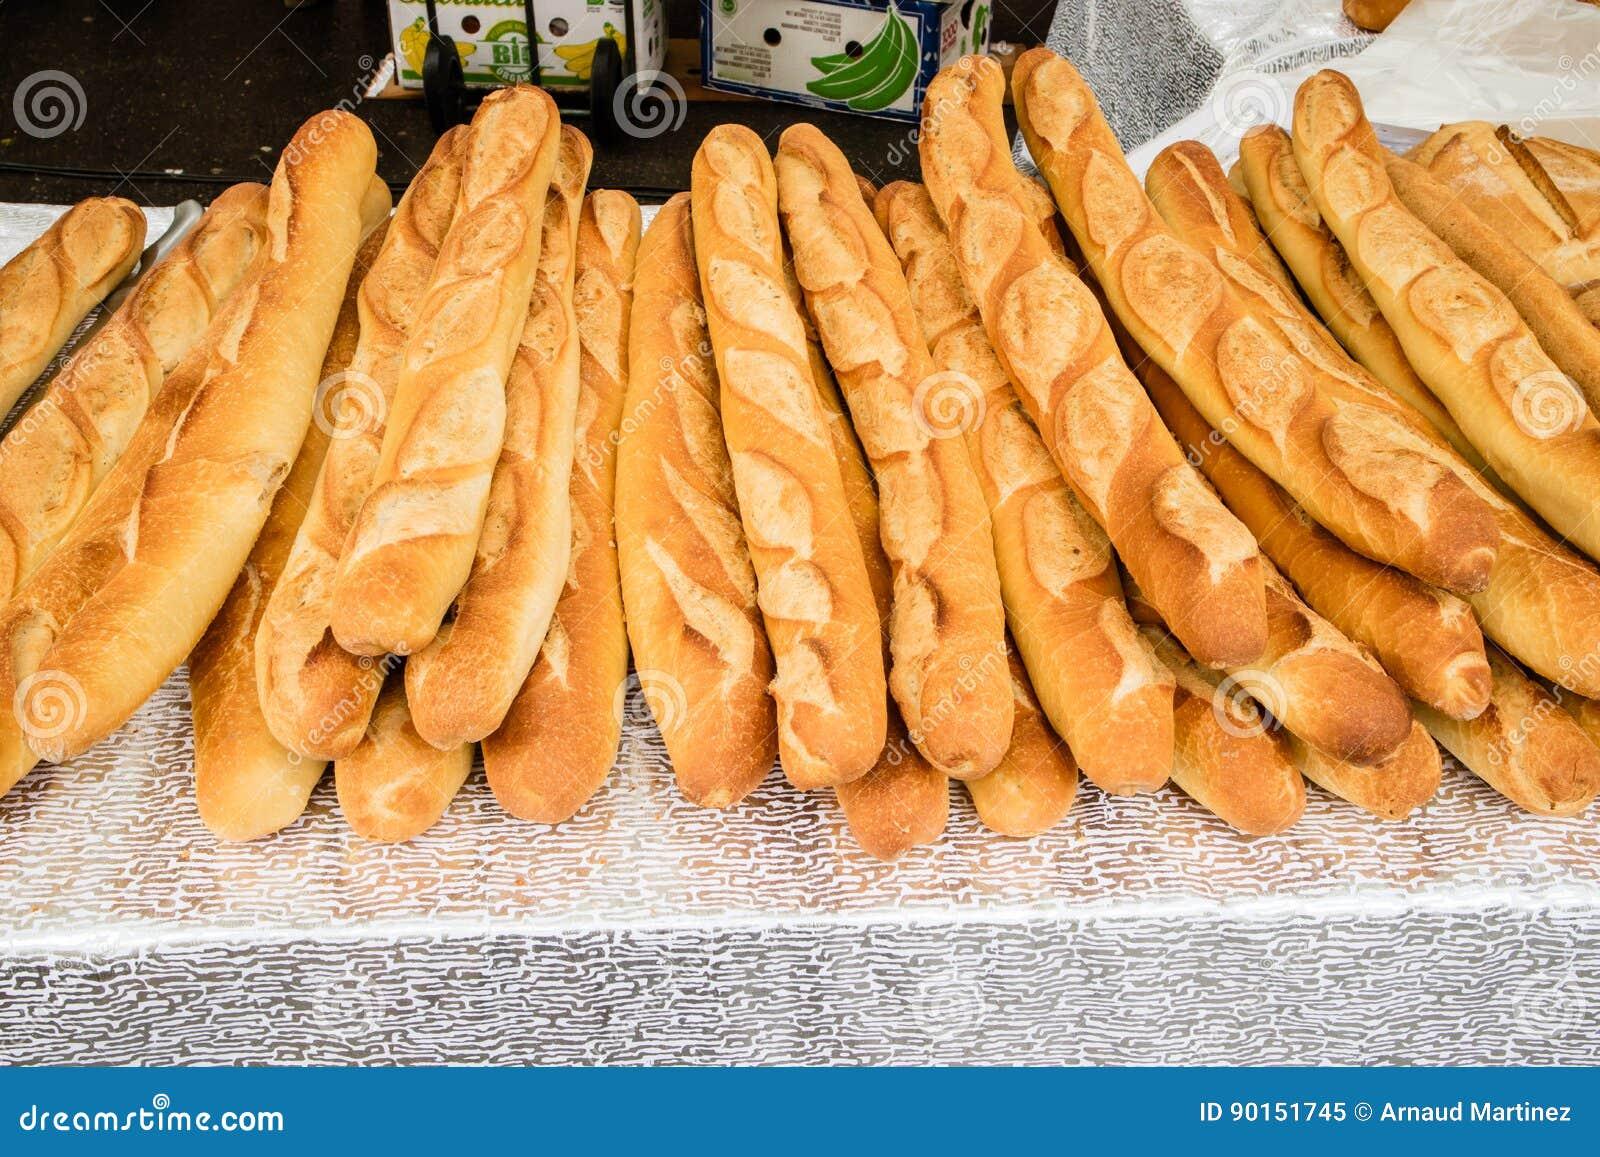 Franska Bagettspecialiteter Pa En Stall Marknadsfor I Frankrike Redaktionell Foto Bild Av Bagerit Avbrotts 90151745